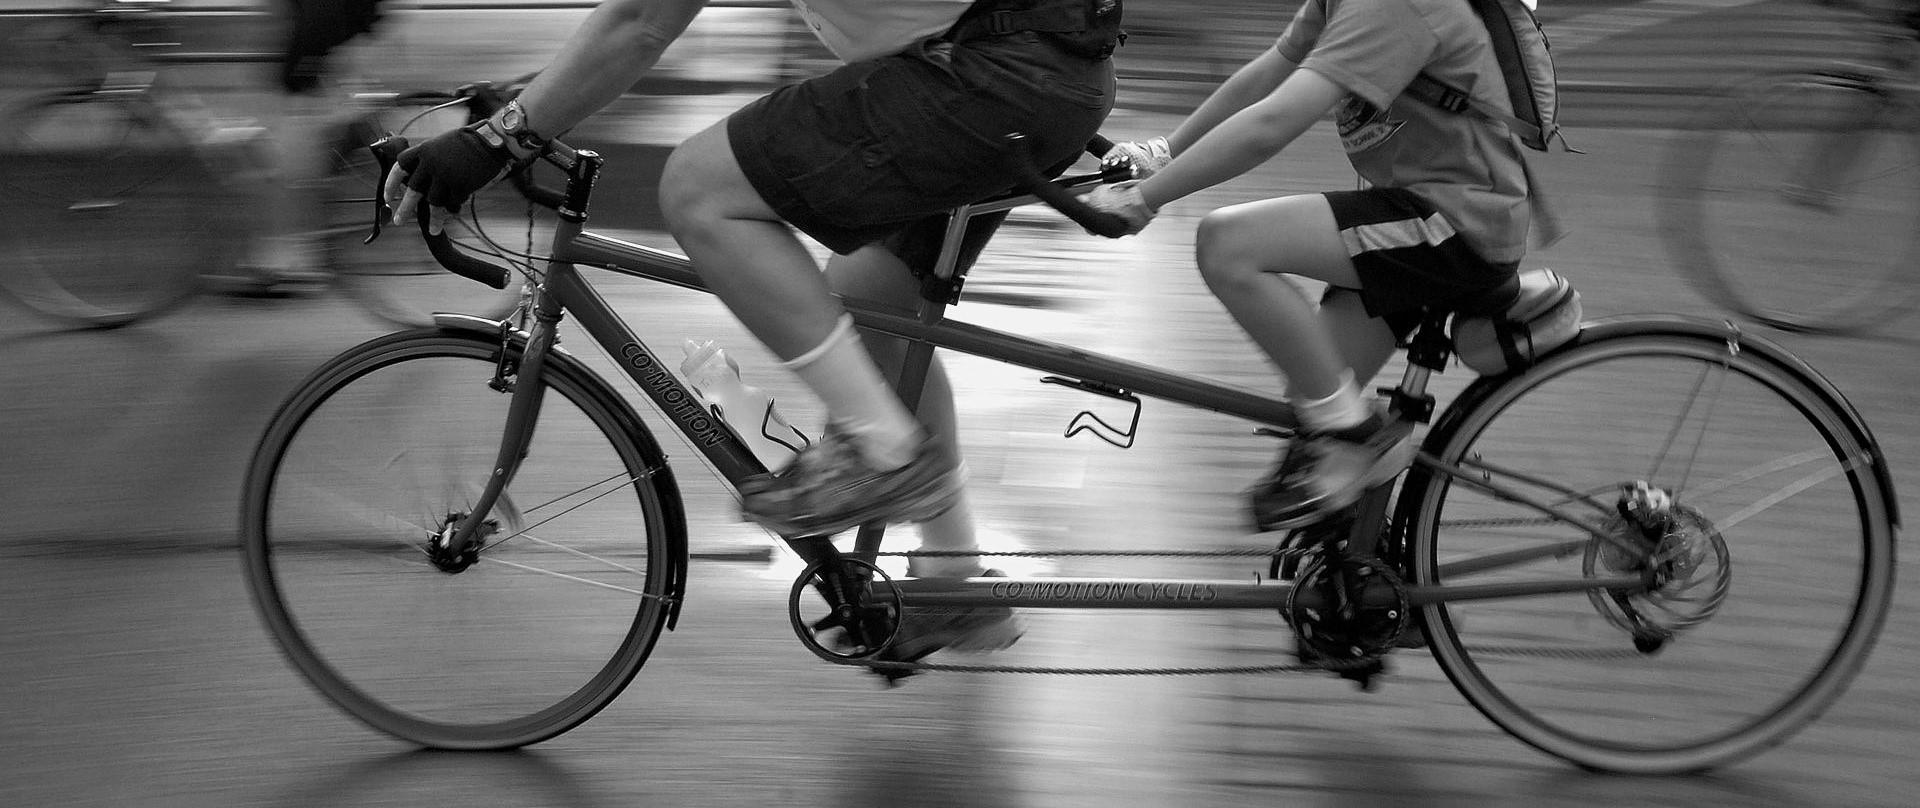 Ciegocleta: cuando montar en bicicleta no tiene límites